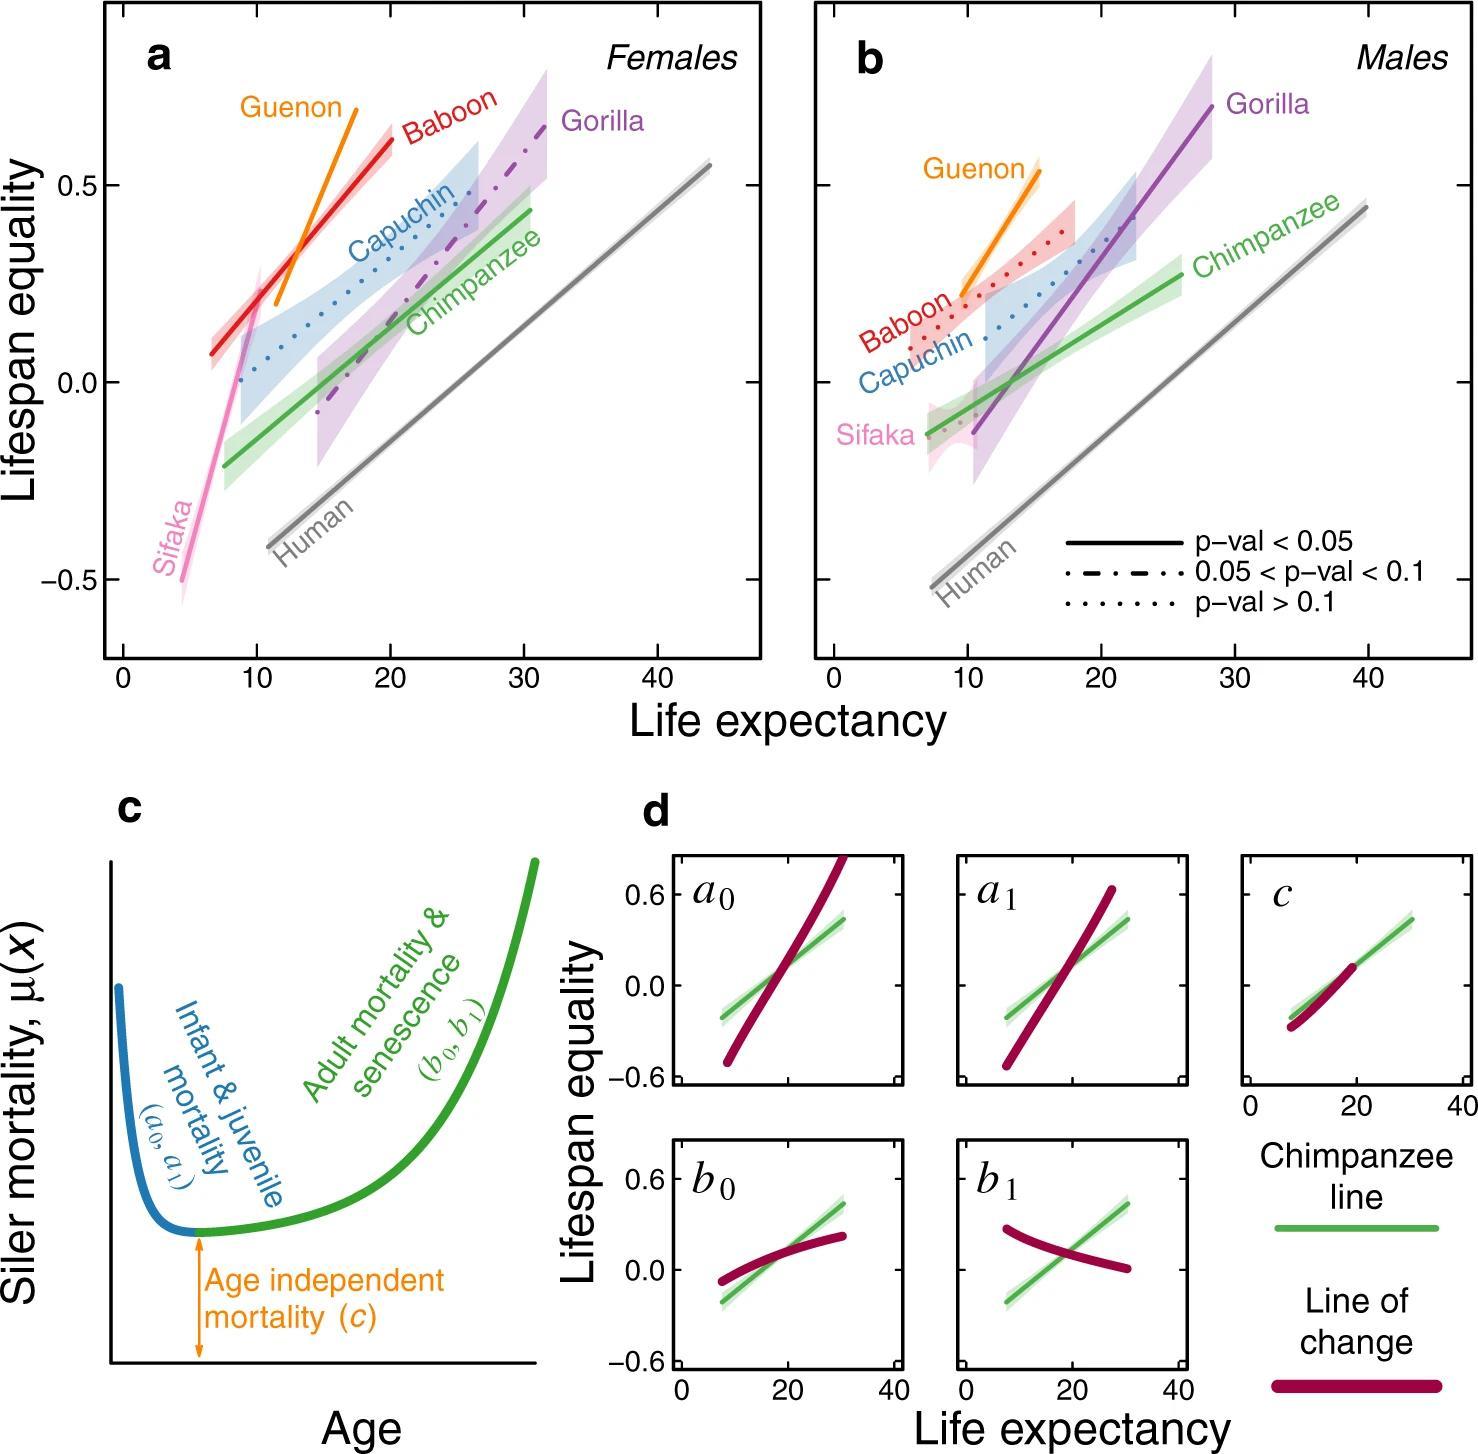 Геронтологи подтвердили гипотезу о неизменной скорости старения людей